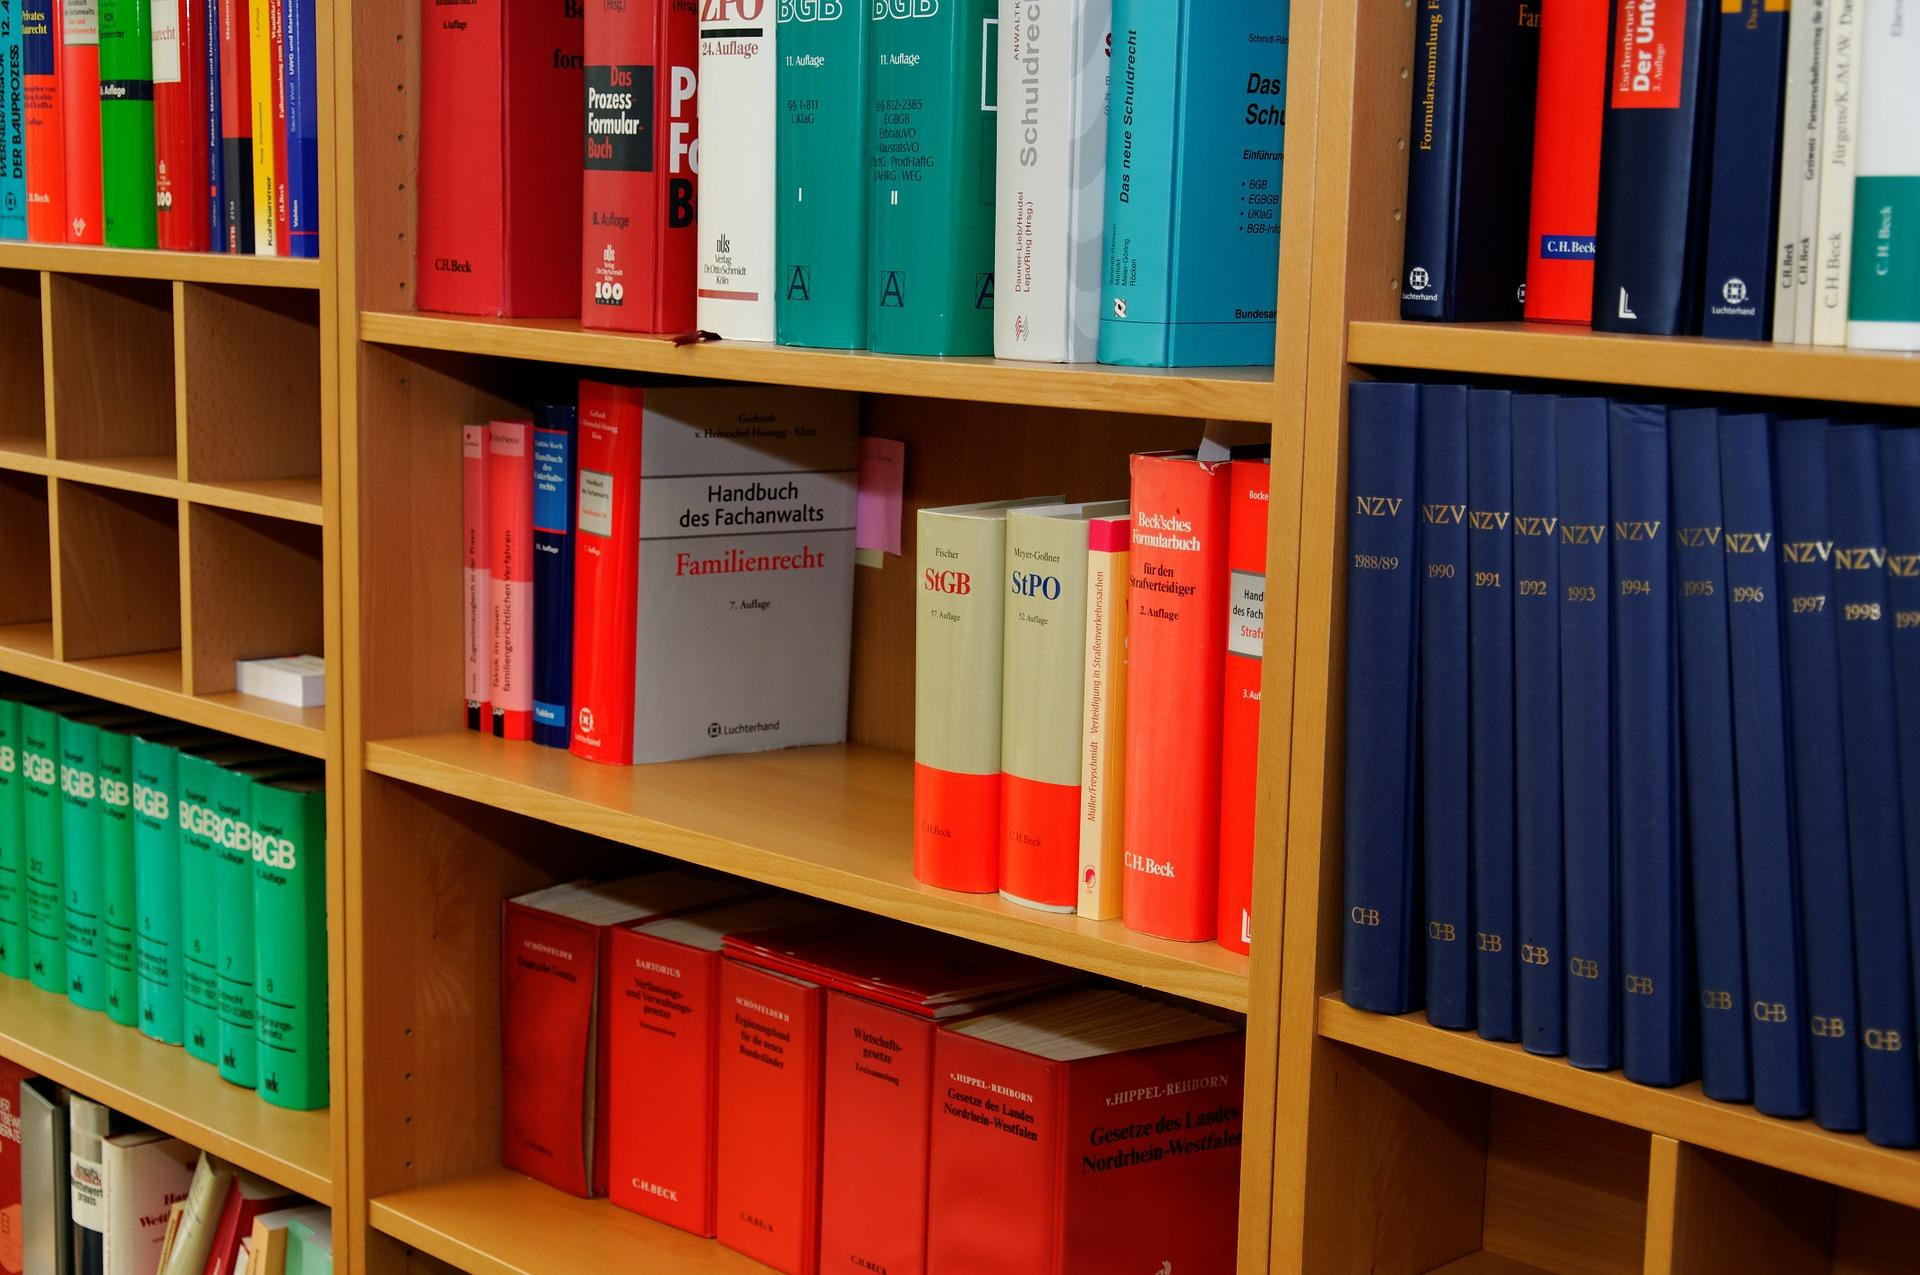 Beiladung in anwaltgerichtlichen Verfahren